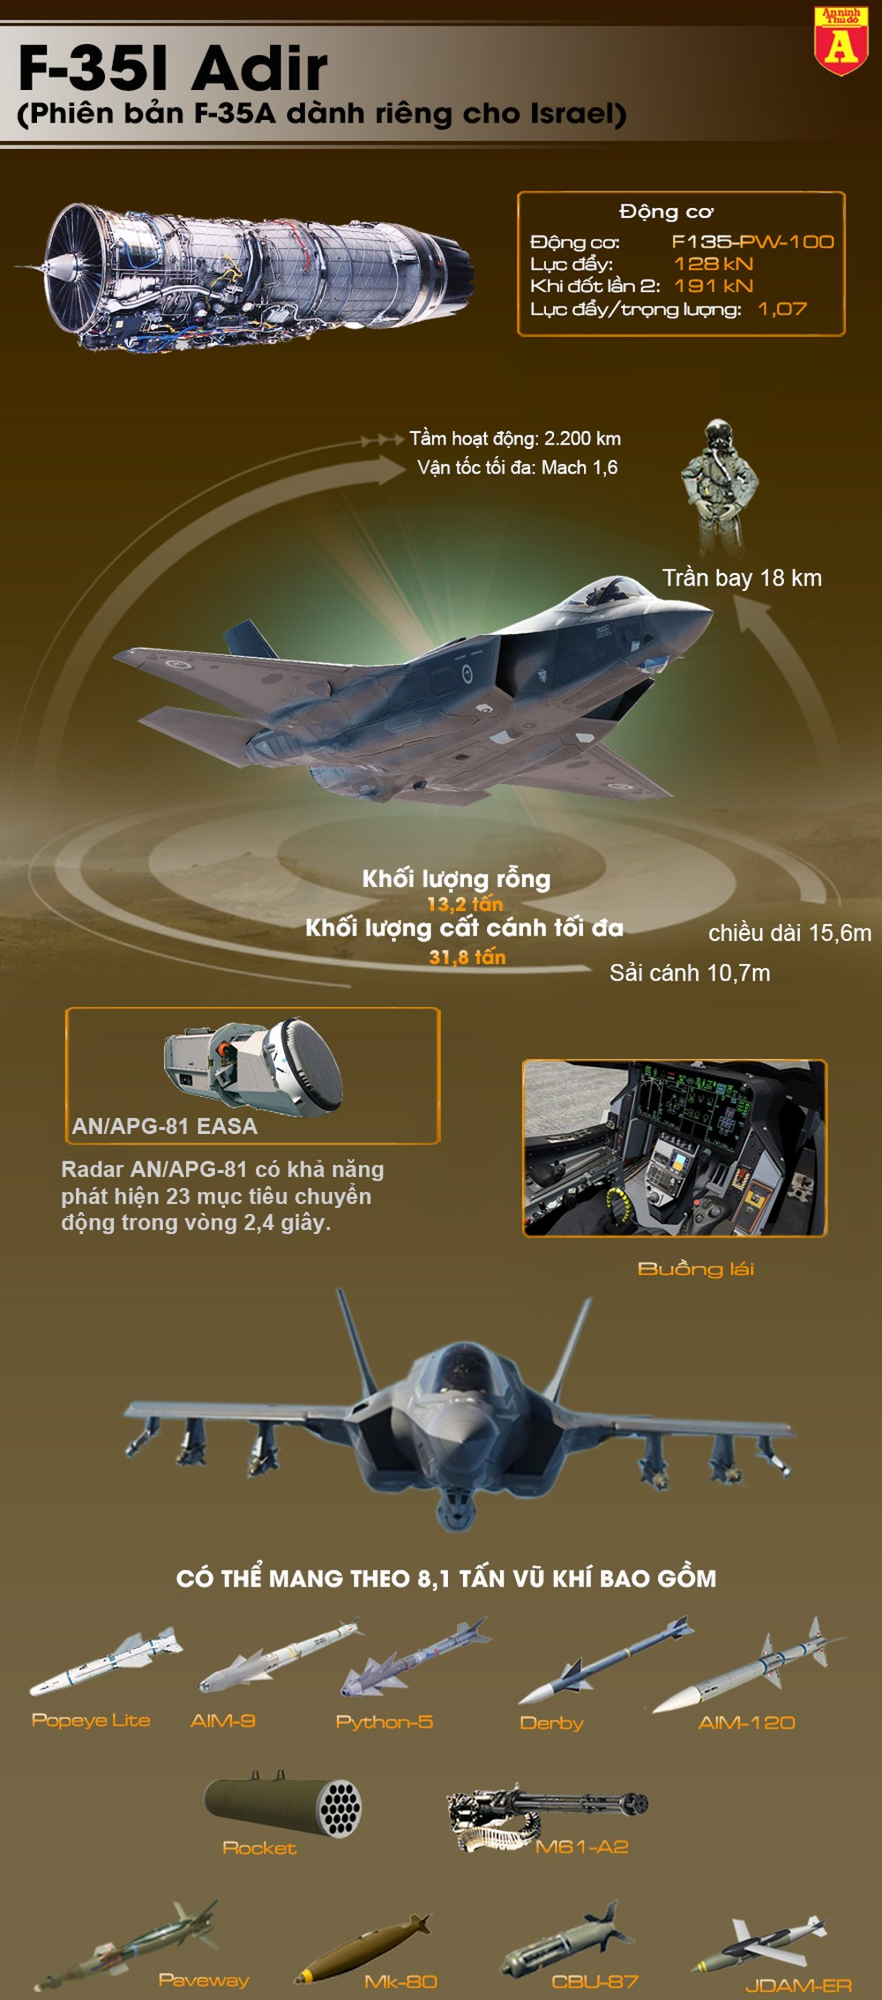 [Infographic] 'Quái điểu' F-35I sẽ giúp Israel tiếp tục thống trị bầu trời Trung Đông ảnh 2